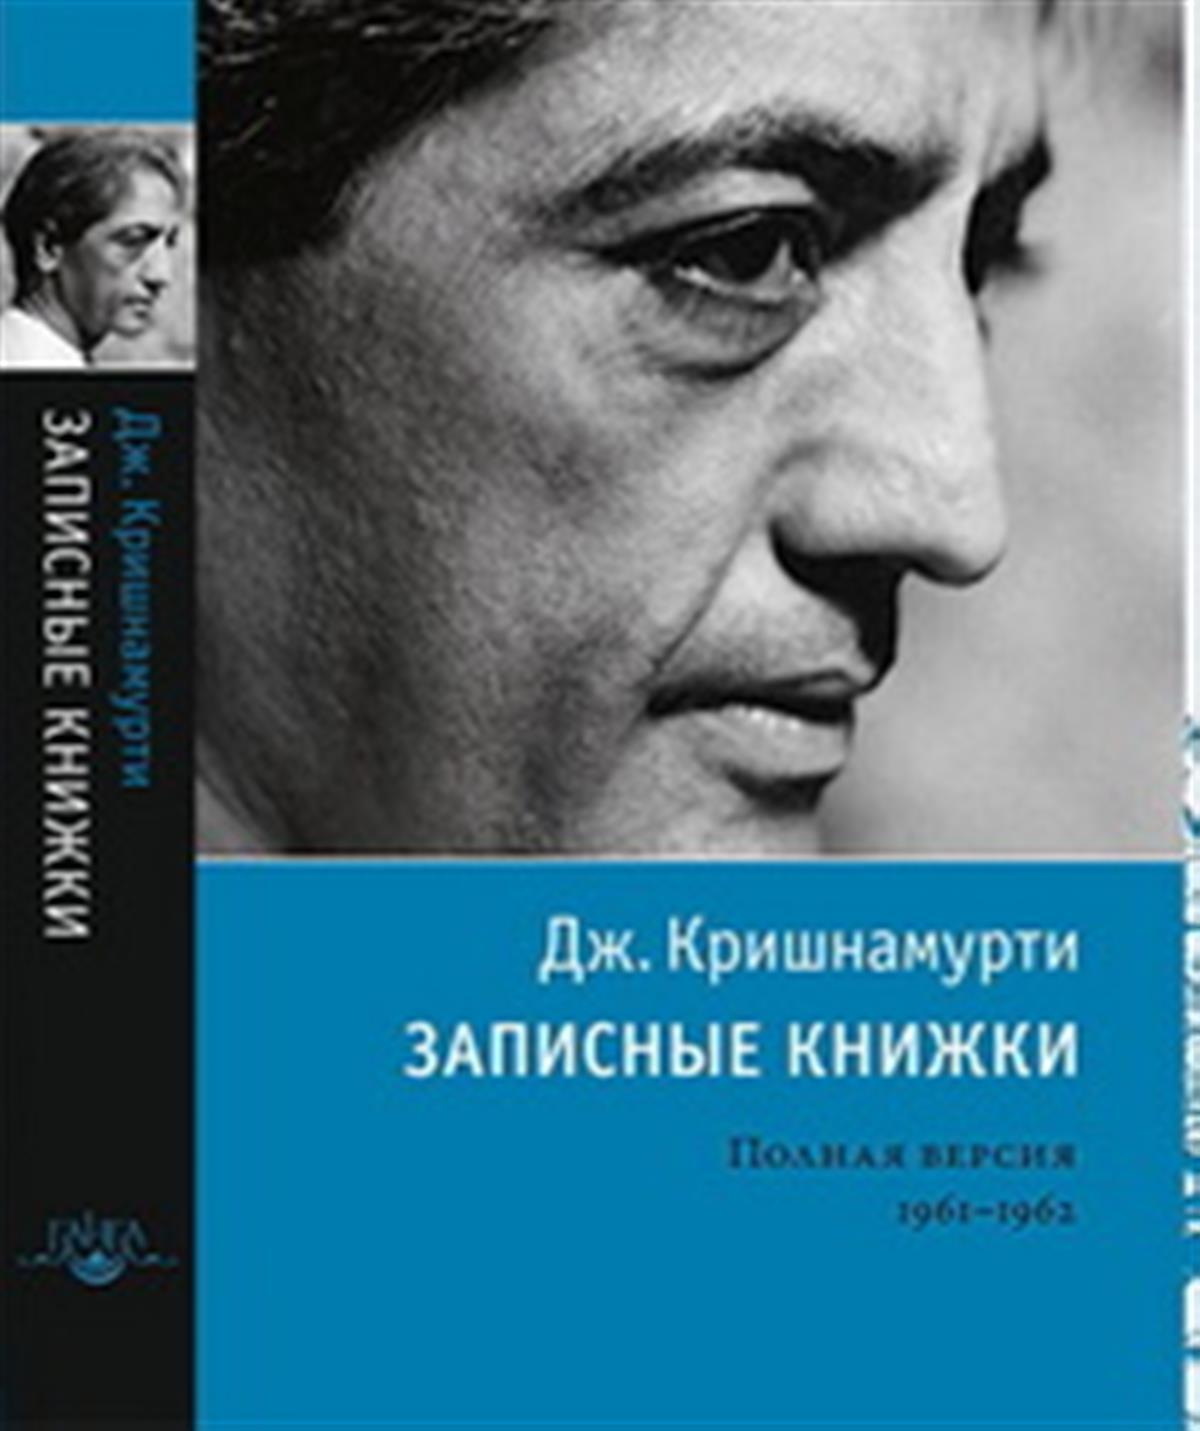 Записные книжки. Полная версия 1961–1962 гг. Исправленное изд.